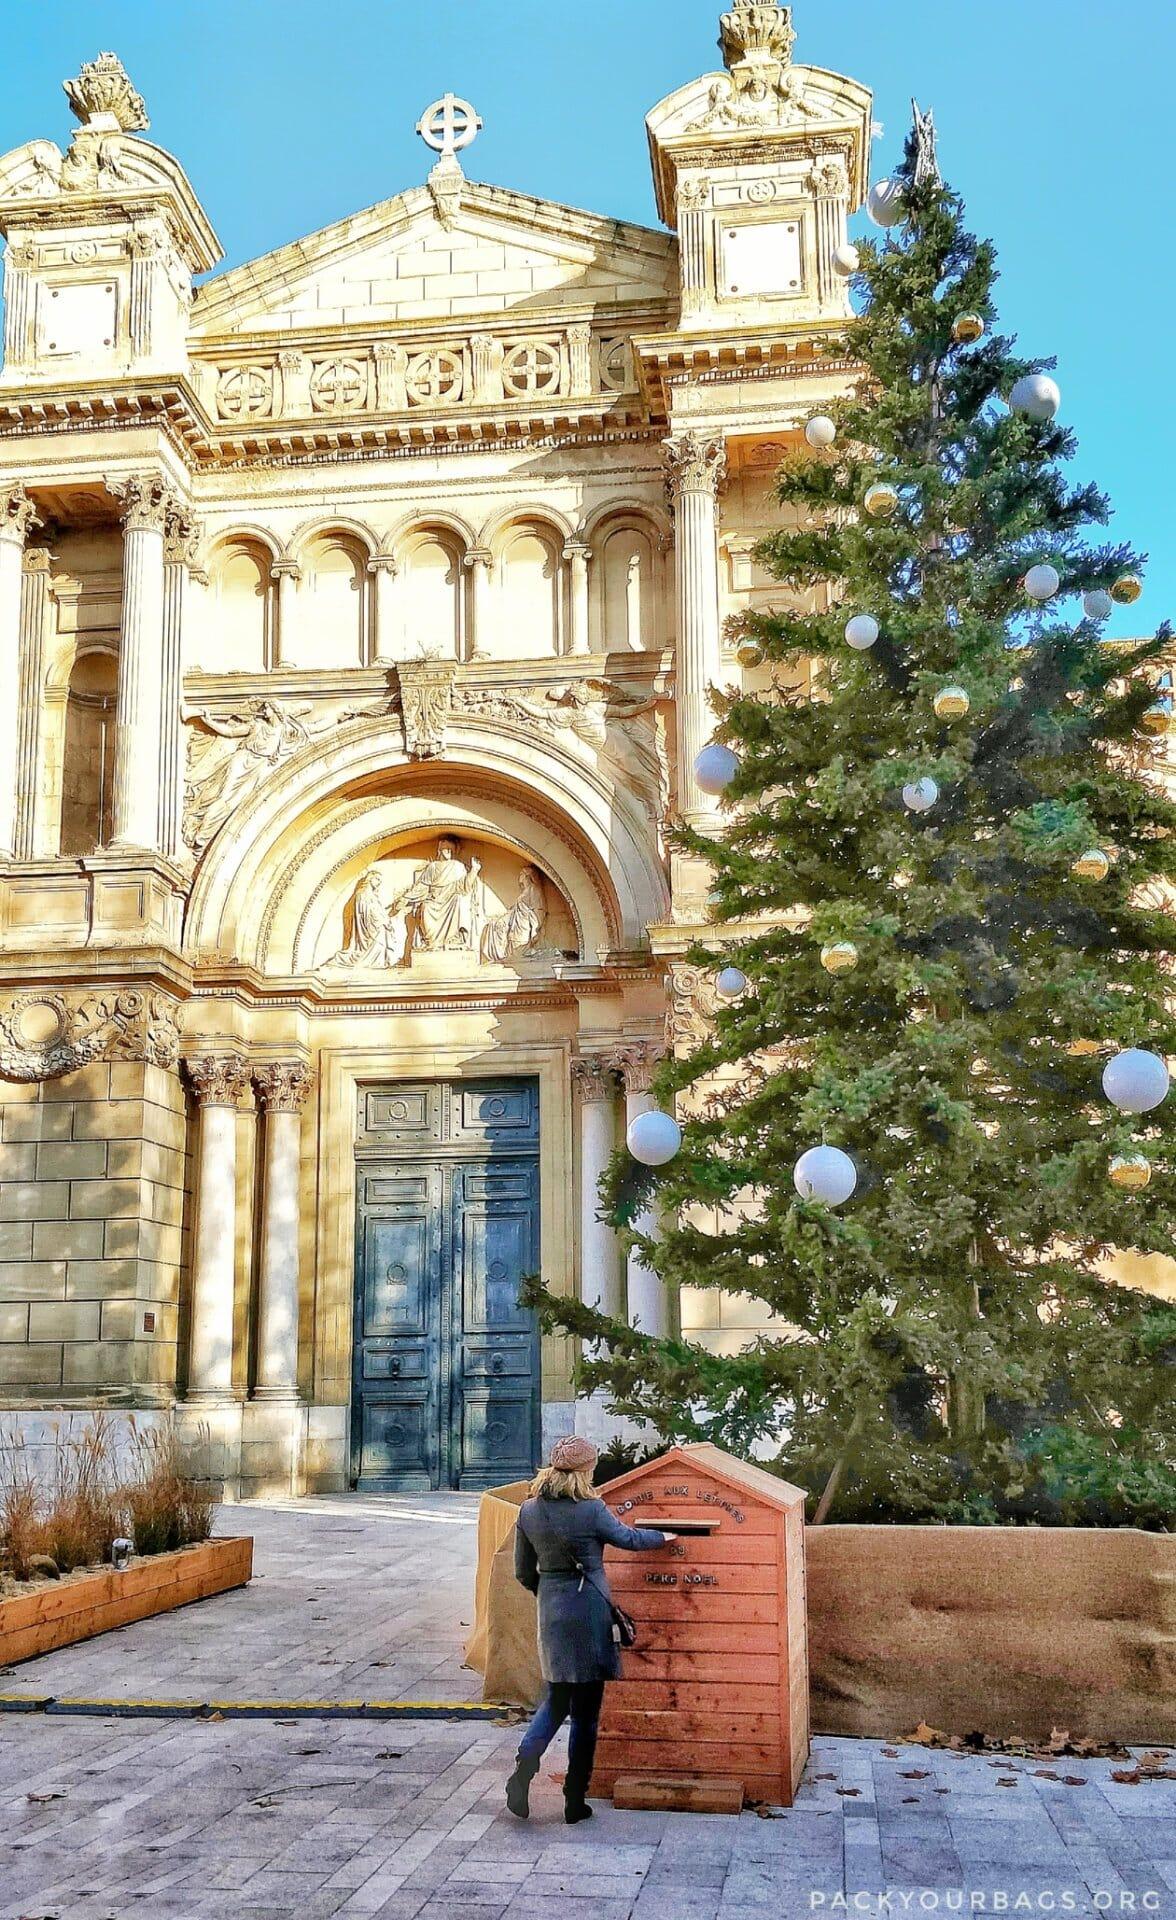 Aix-en-Provence Christmas